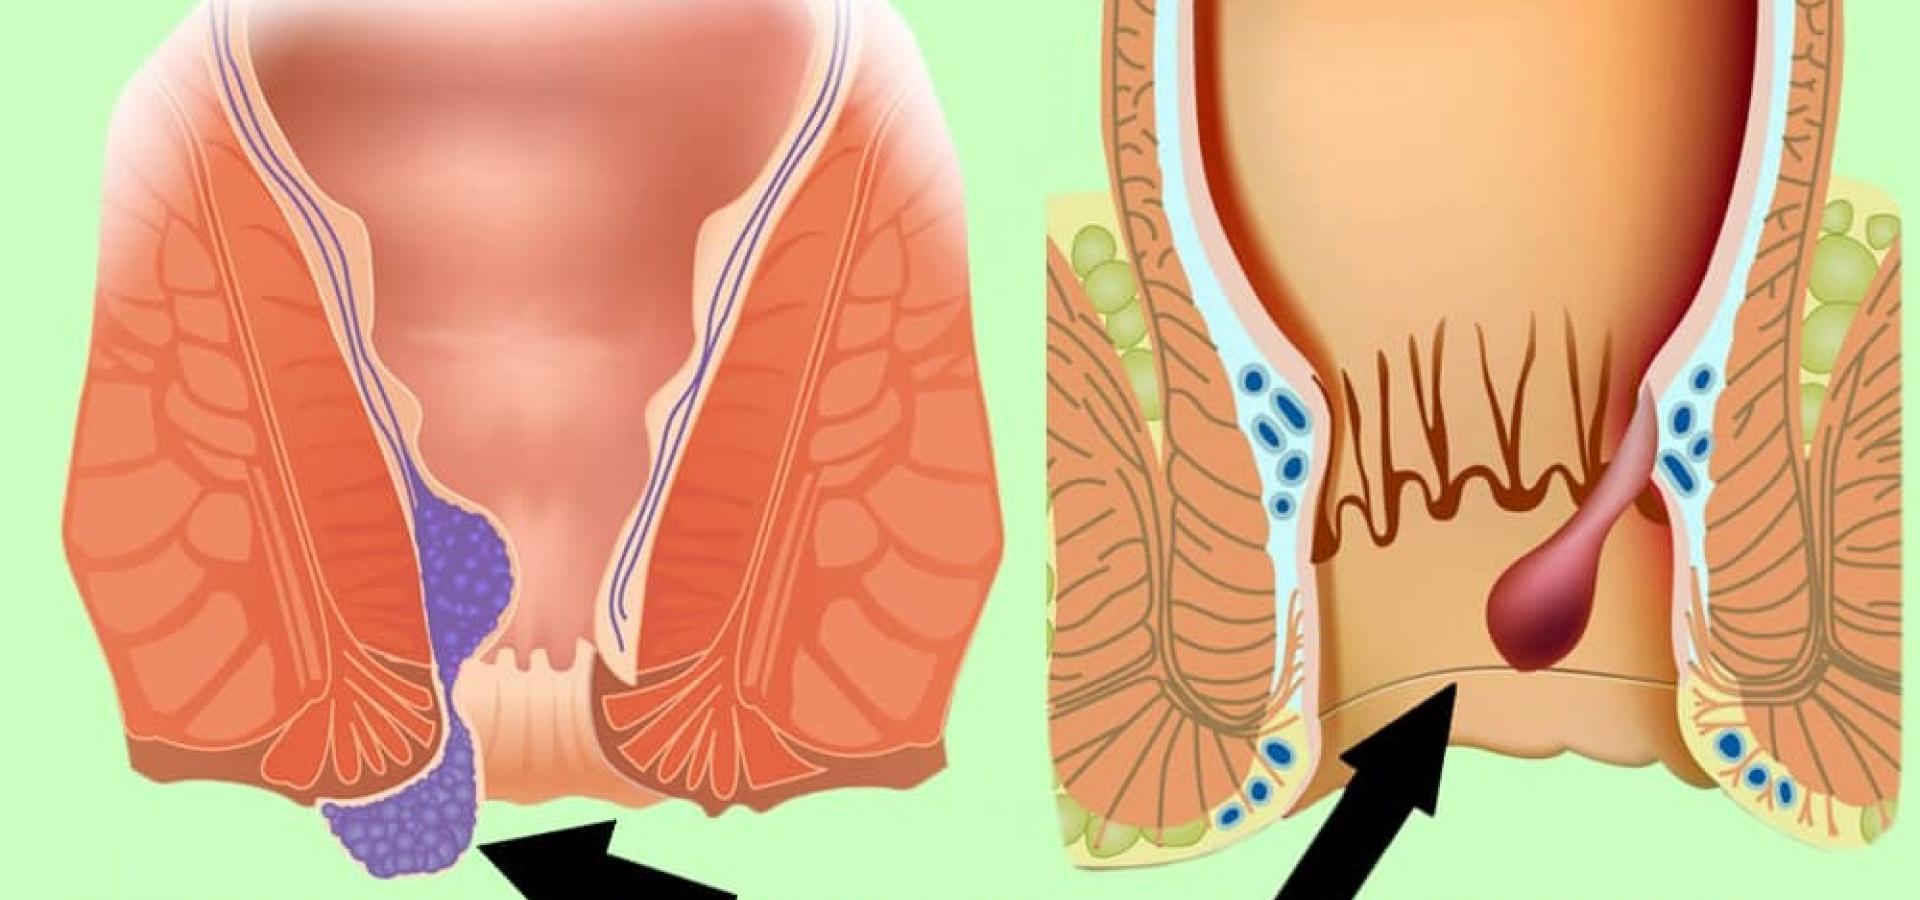 Наружный тромбированный геморрой: симптоматика и лечение